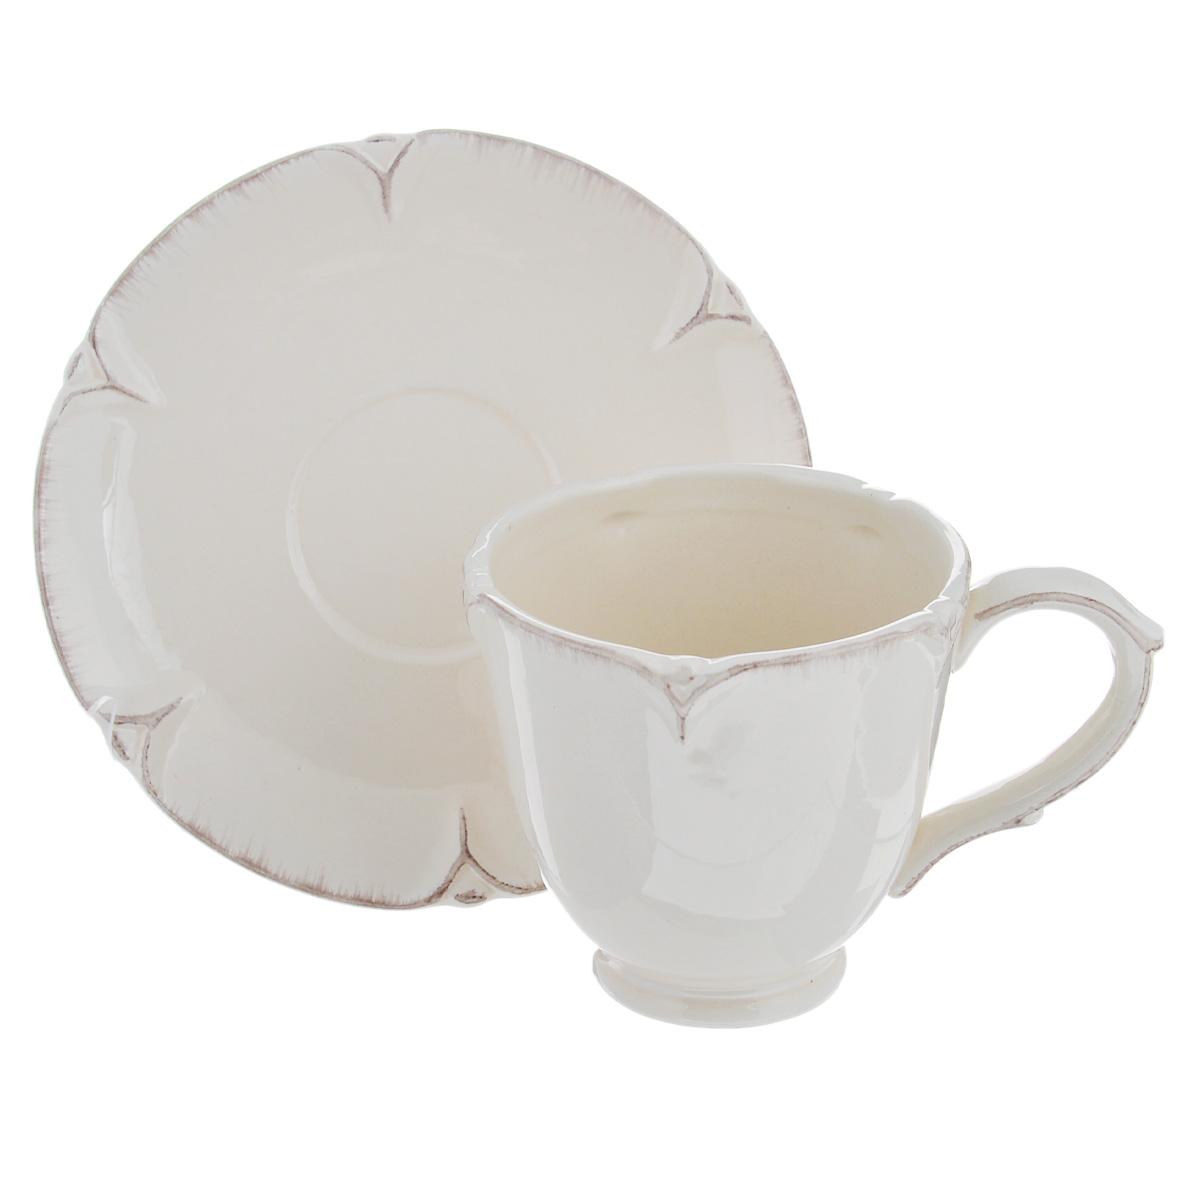 Чайная пара Lillo Ideal, 2 предмета. 214203M1870006Чайная пара Lillo Ideal сочетает в себе изысканный дизайн с максимальной функциональностью. Чашка с блюдцем выполнены из высококачественной керамики. Оформление придется по вкусу и ценителям классики, и тем, кто предпочитает утонченность и изысканность. Такая чайная пара станет отличным сувениром для ваших друзей и близких.Можно использовать в посудомоечной машине и микроволновой печи. Диаметр чашки по верхнему краю: 9 см.Высота чашки: 9 см.Объем чашки: 300 мл.Диаметр блюдца: 15 см.